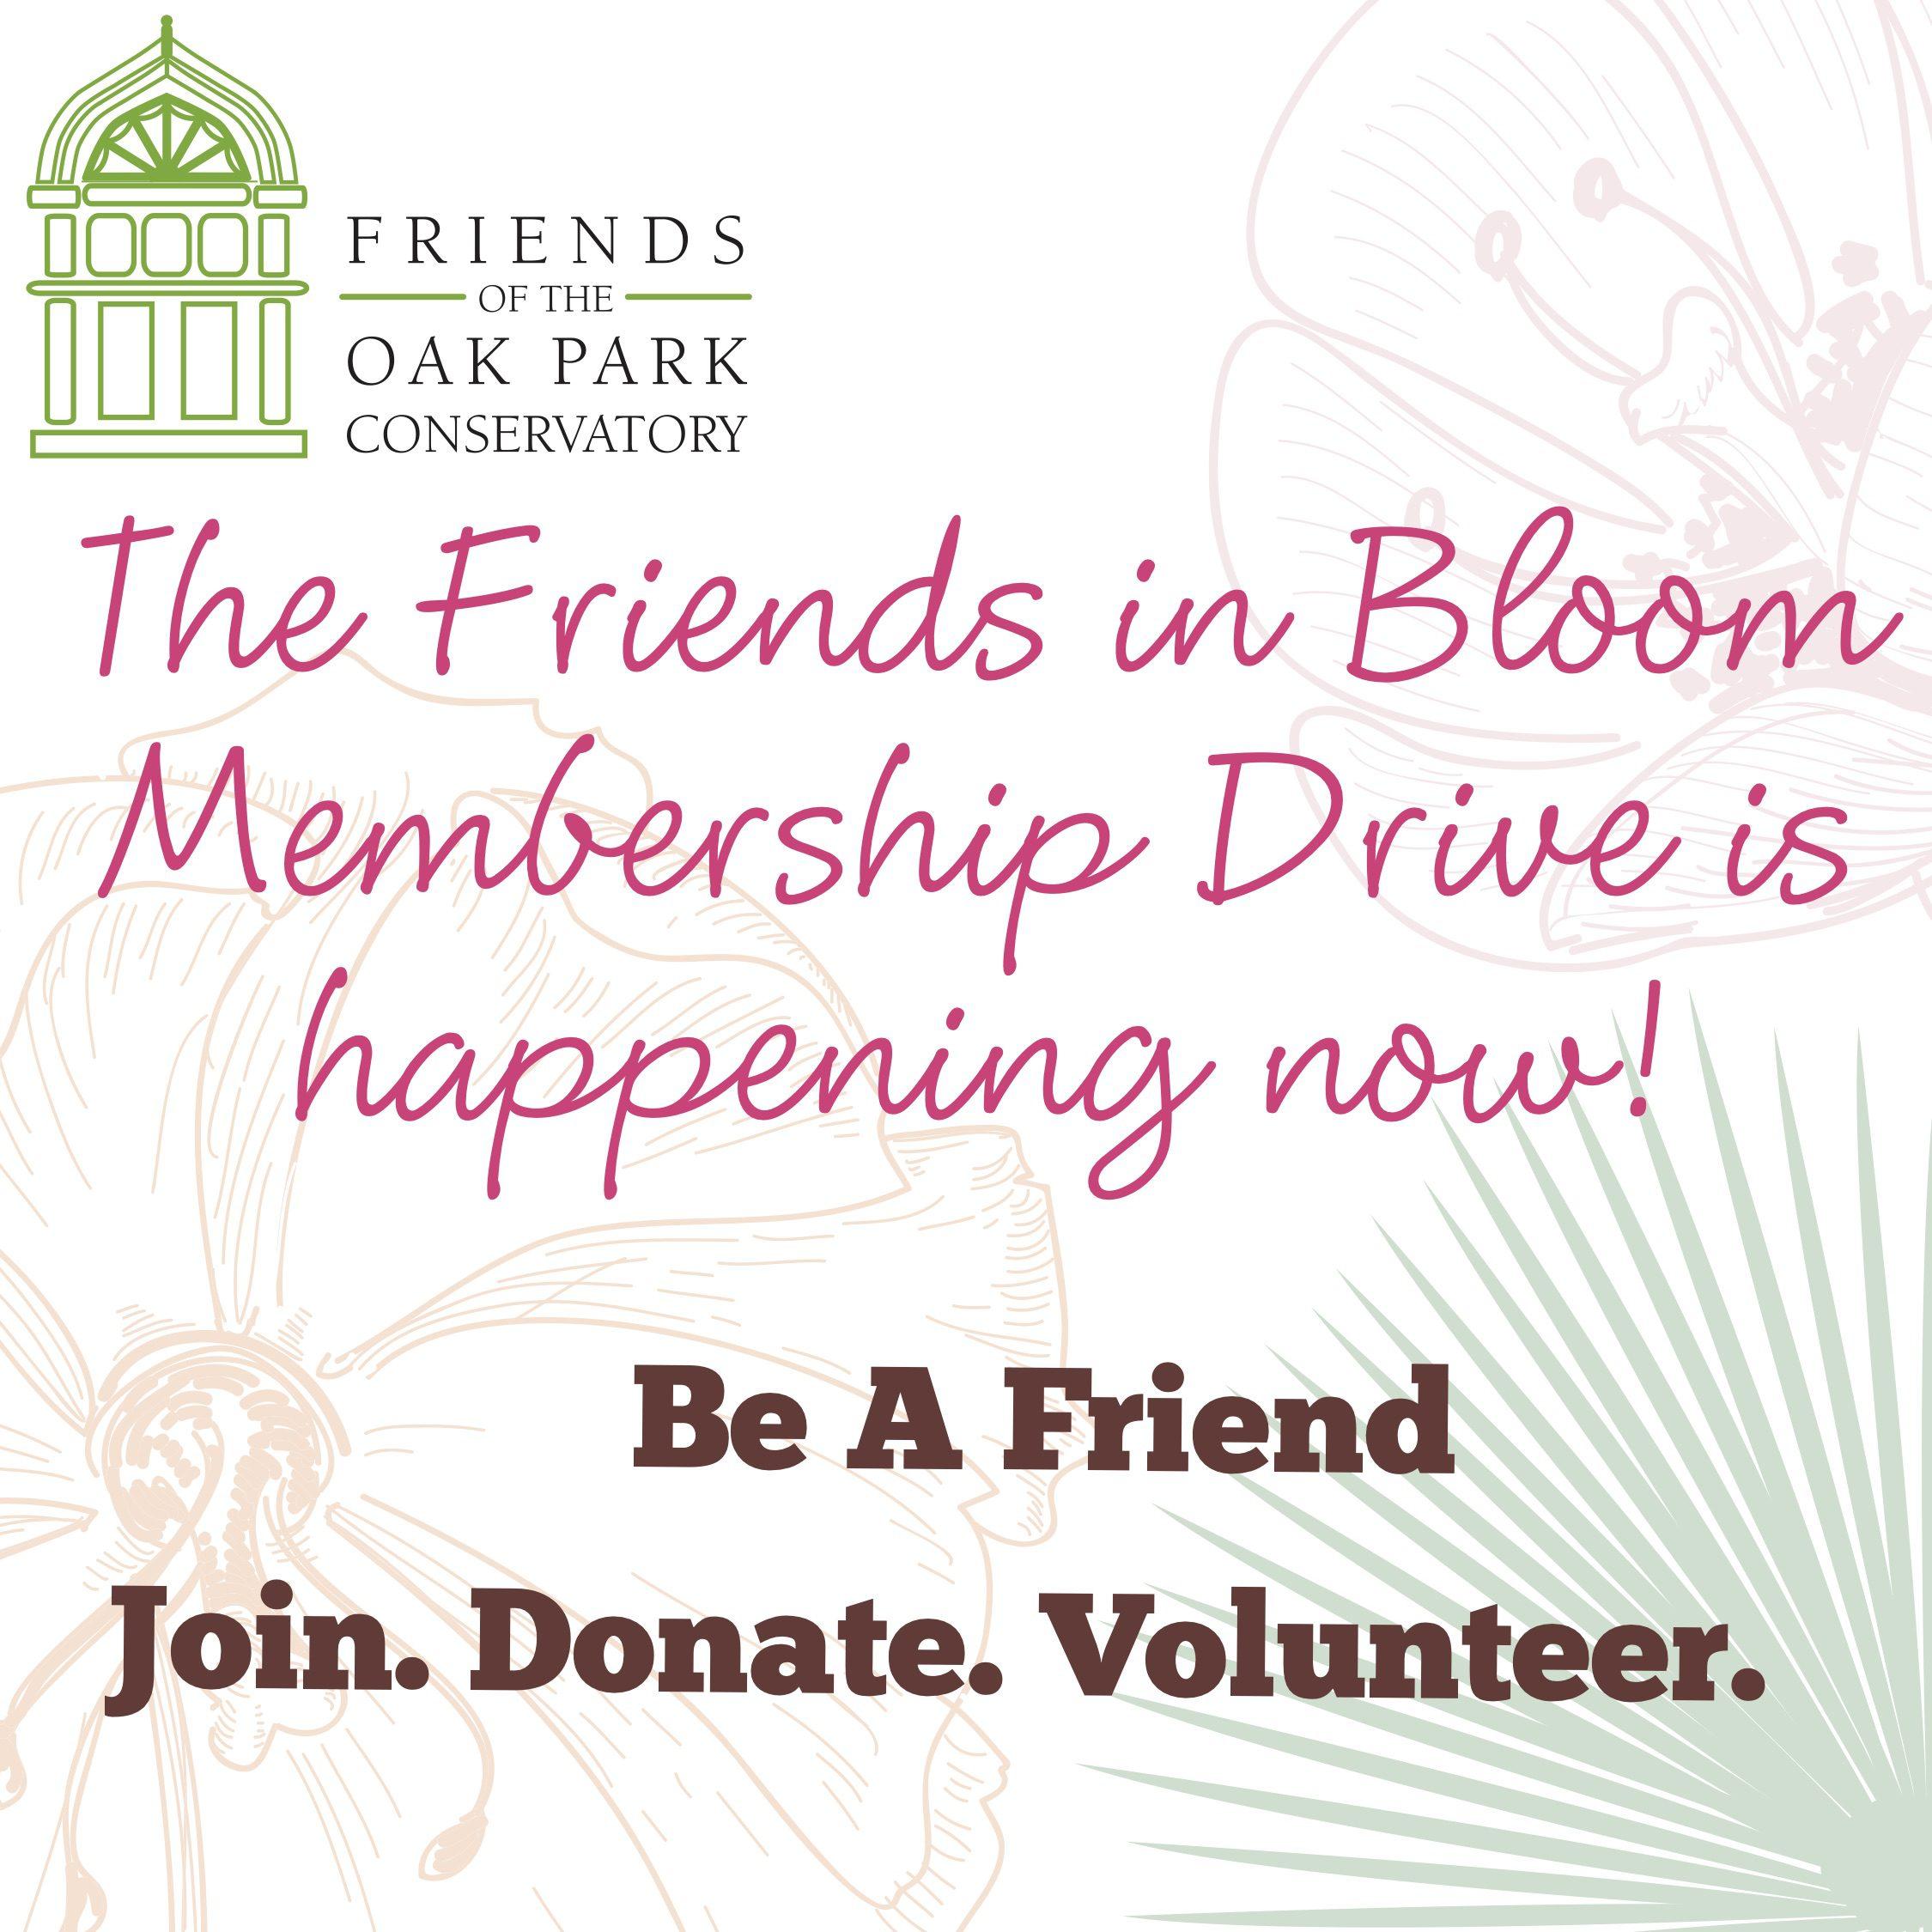 Membership Drive 2020